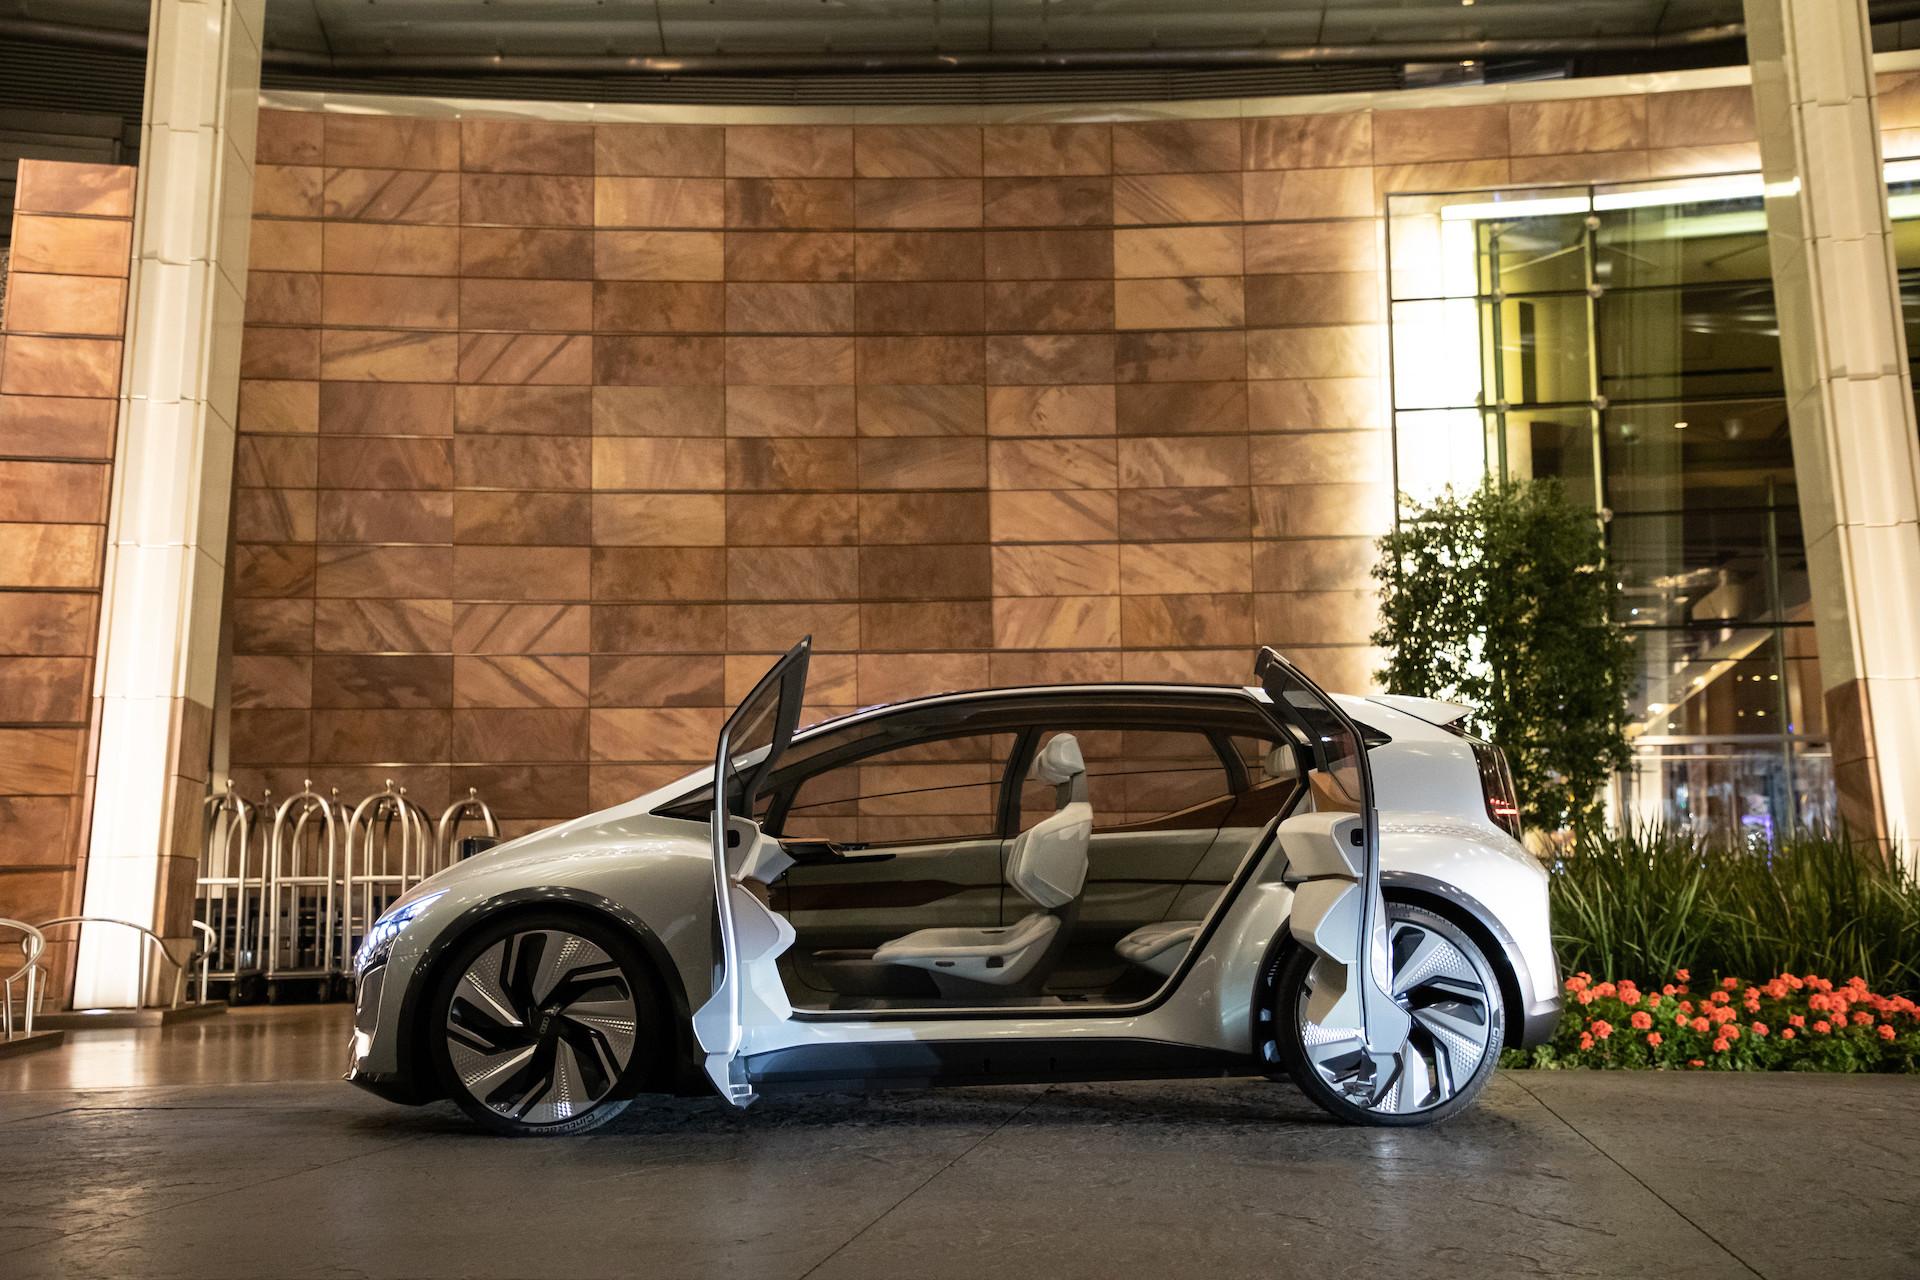 Audi auf der CES 2020: Die Neuheiten und Zukunftskonzepte in Las Vegas 2